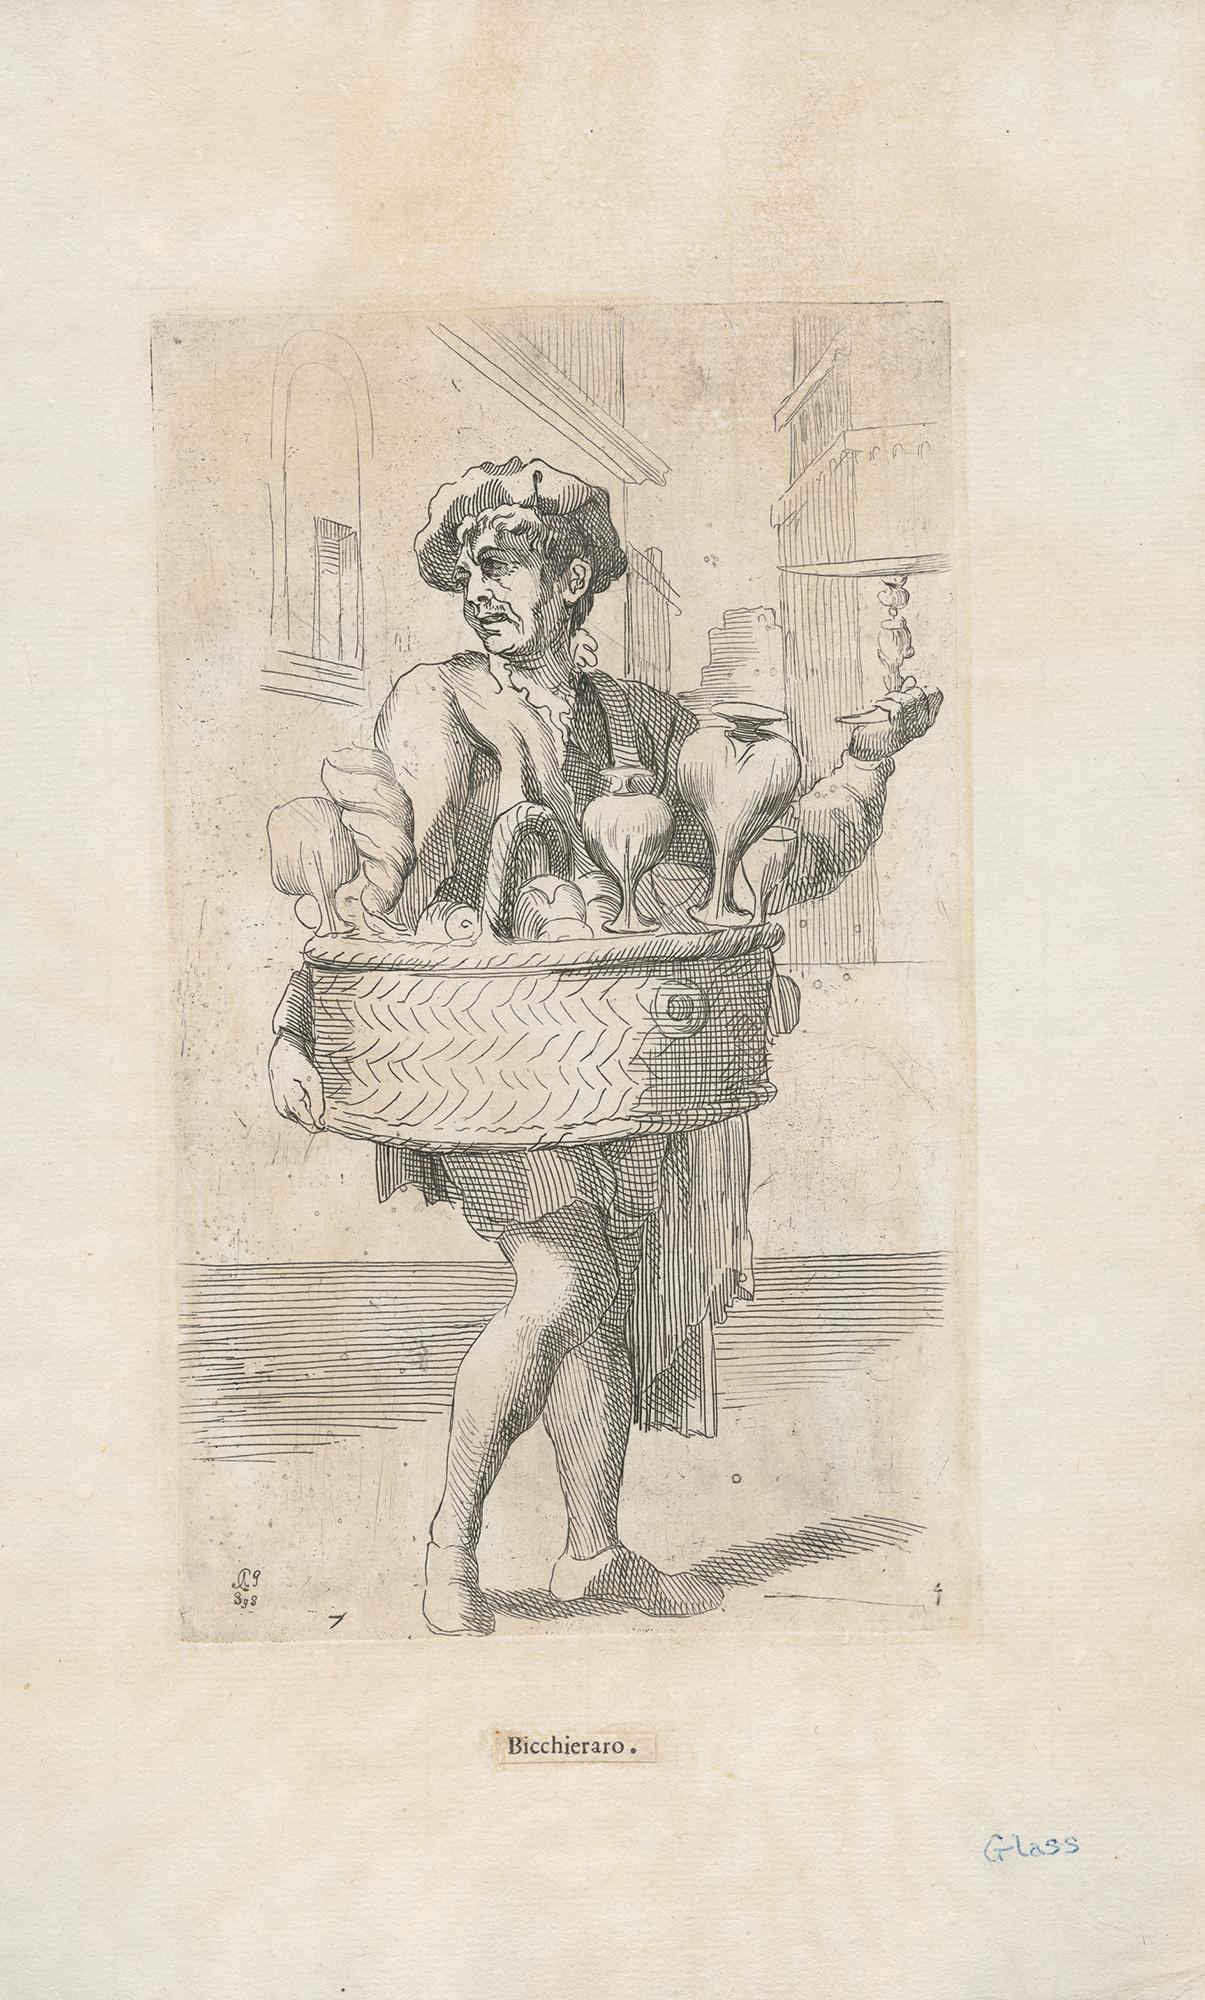 Bicchieraro, Annibale Carracci, ca. 1646